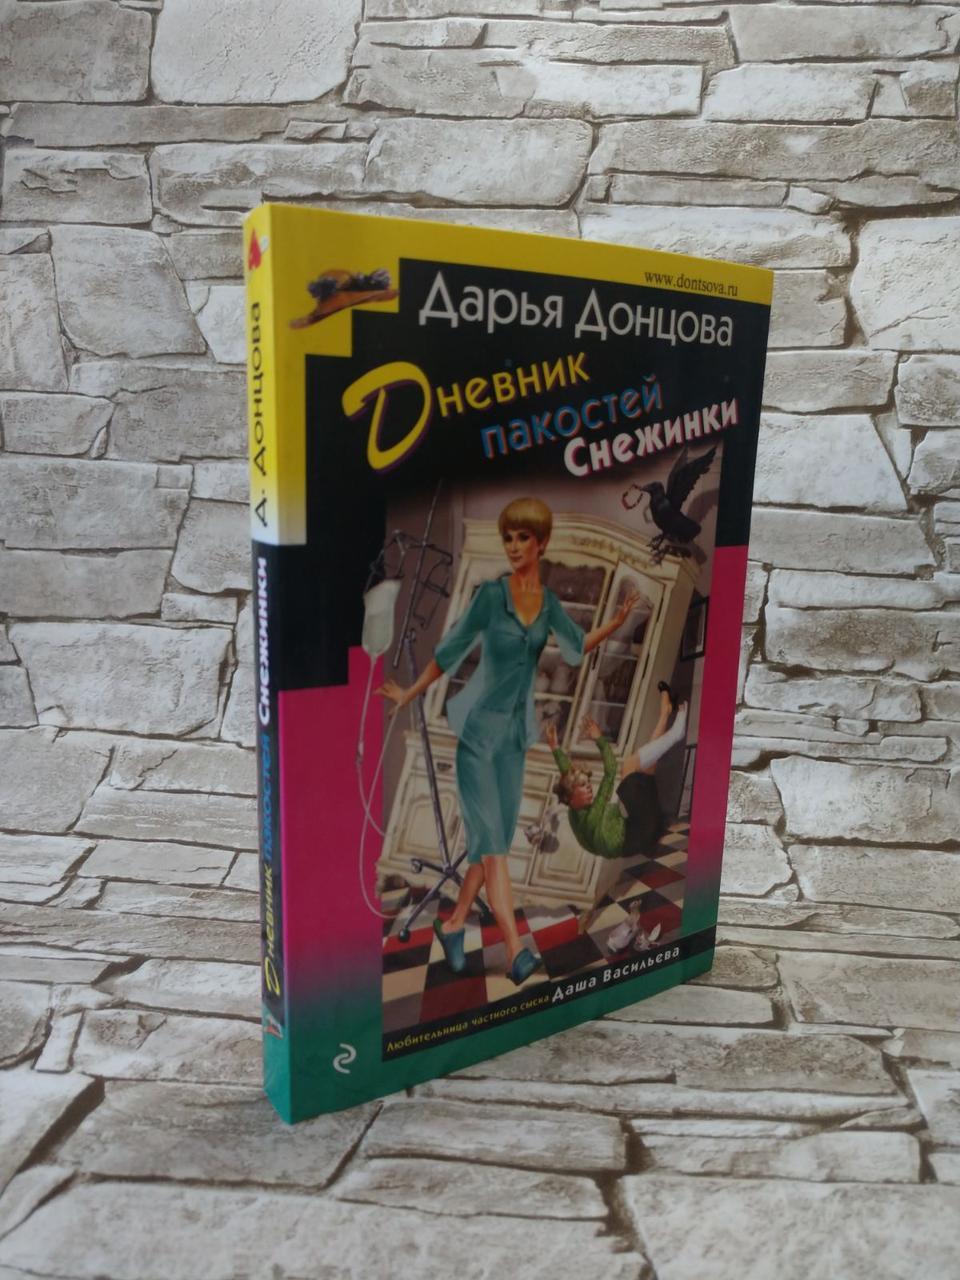 """Книга """"Щоденник капостей Сніжинки"""" Дар'я Донцова"""